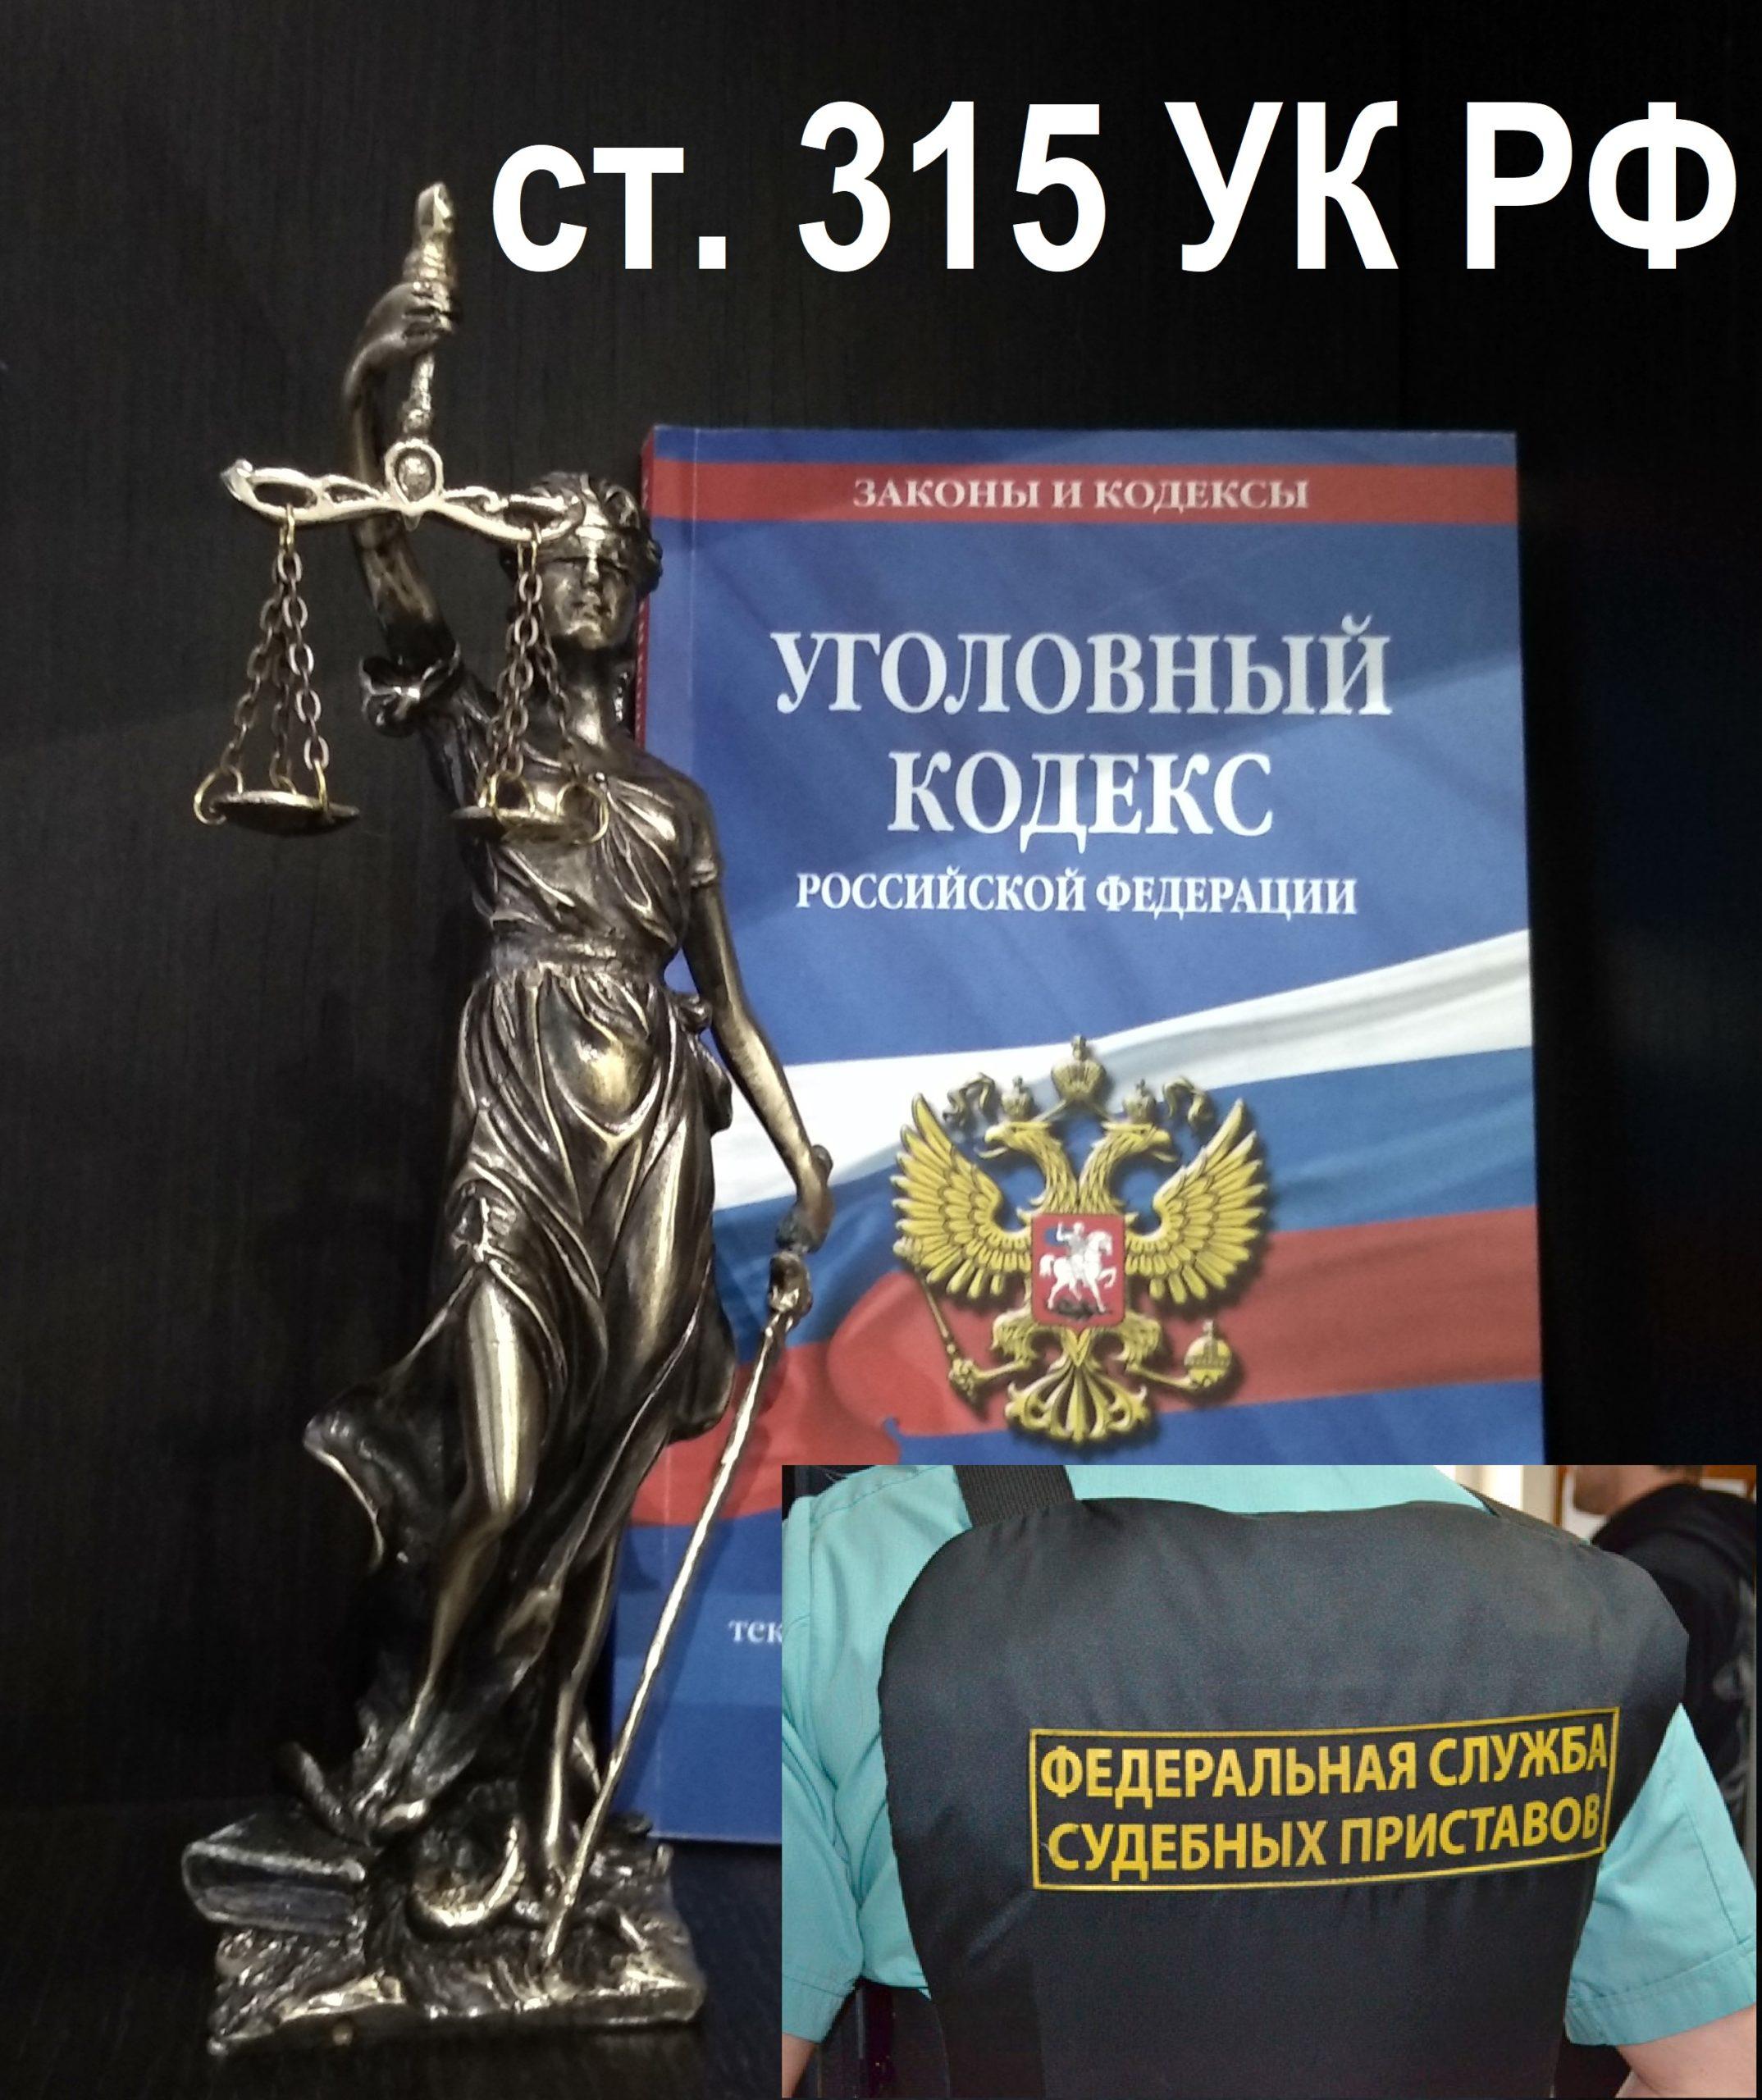 Адвокат по ст. 315 УК РФ Неисполнение решения суда